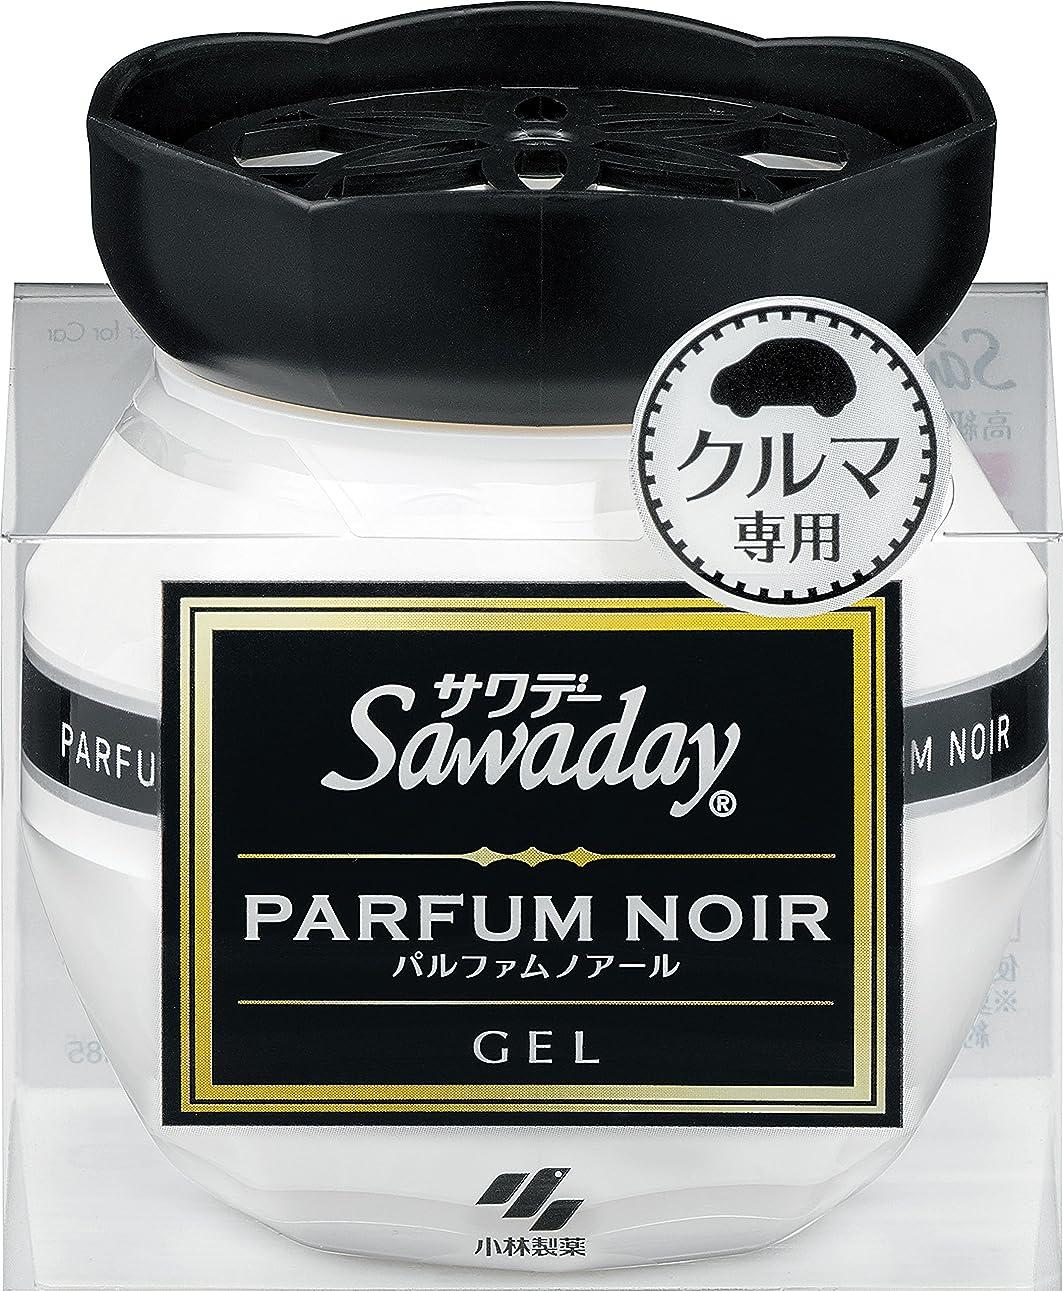 ボックス死にかけているおっとサワデー 消臭芳香剤 クルマ用 置き型ゲルタイプ パルファムノアールの香り 90g